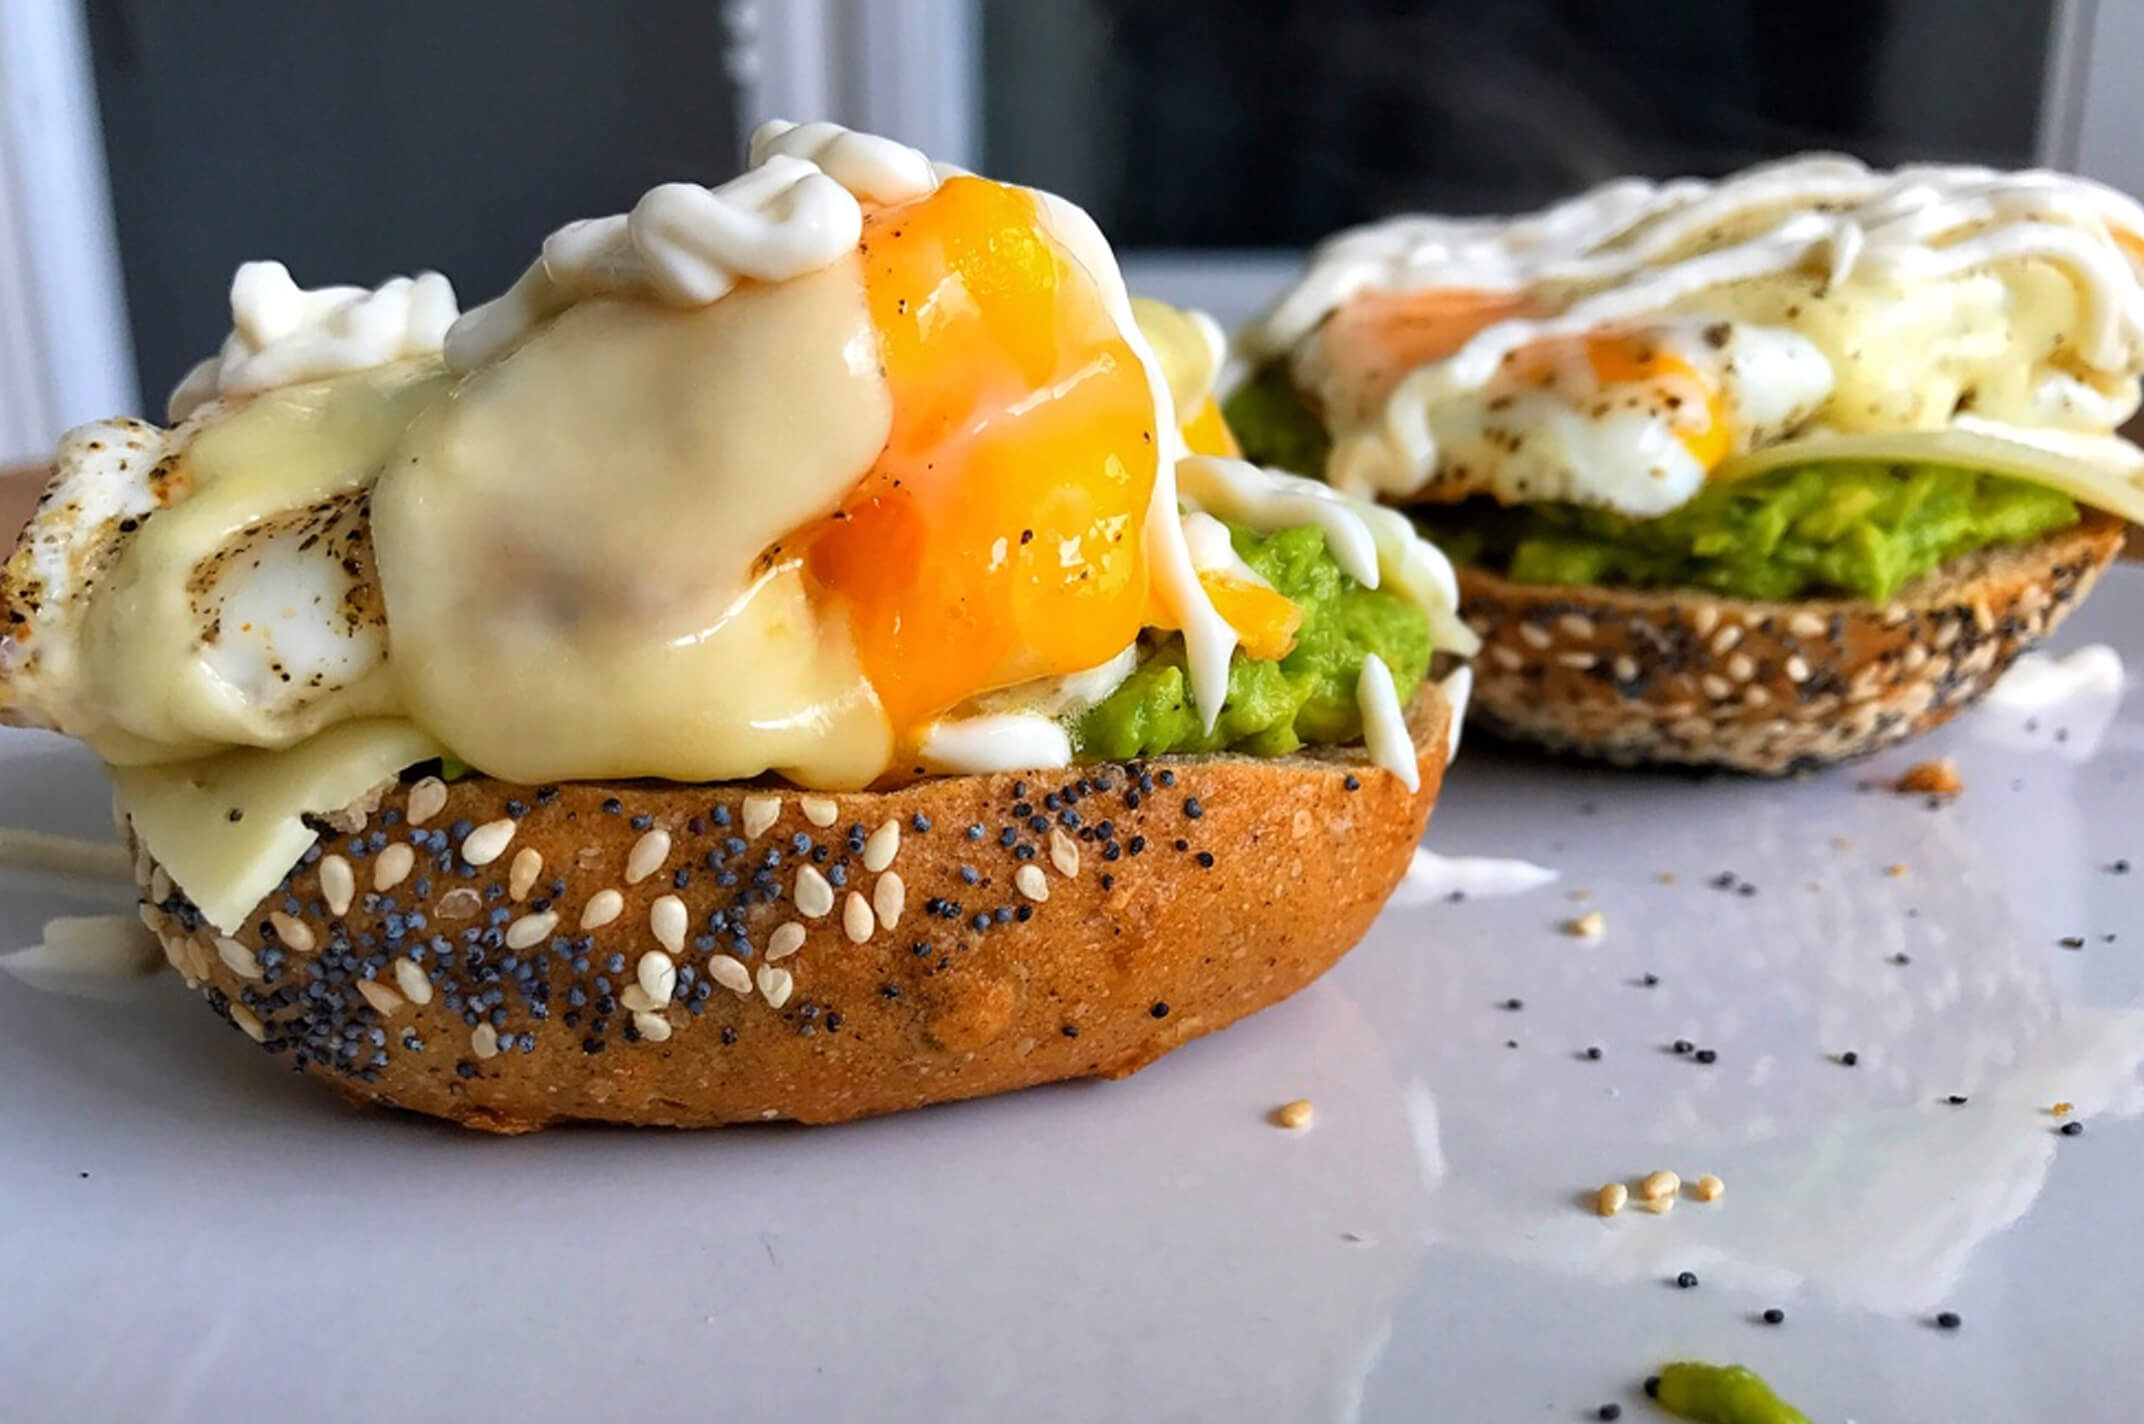 Wonderbaarlijk Recept: Broodje Avocado met Ei en Kaas! - Fit Addict IK-91